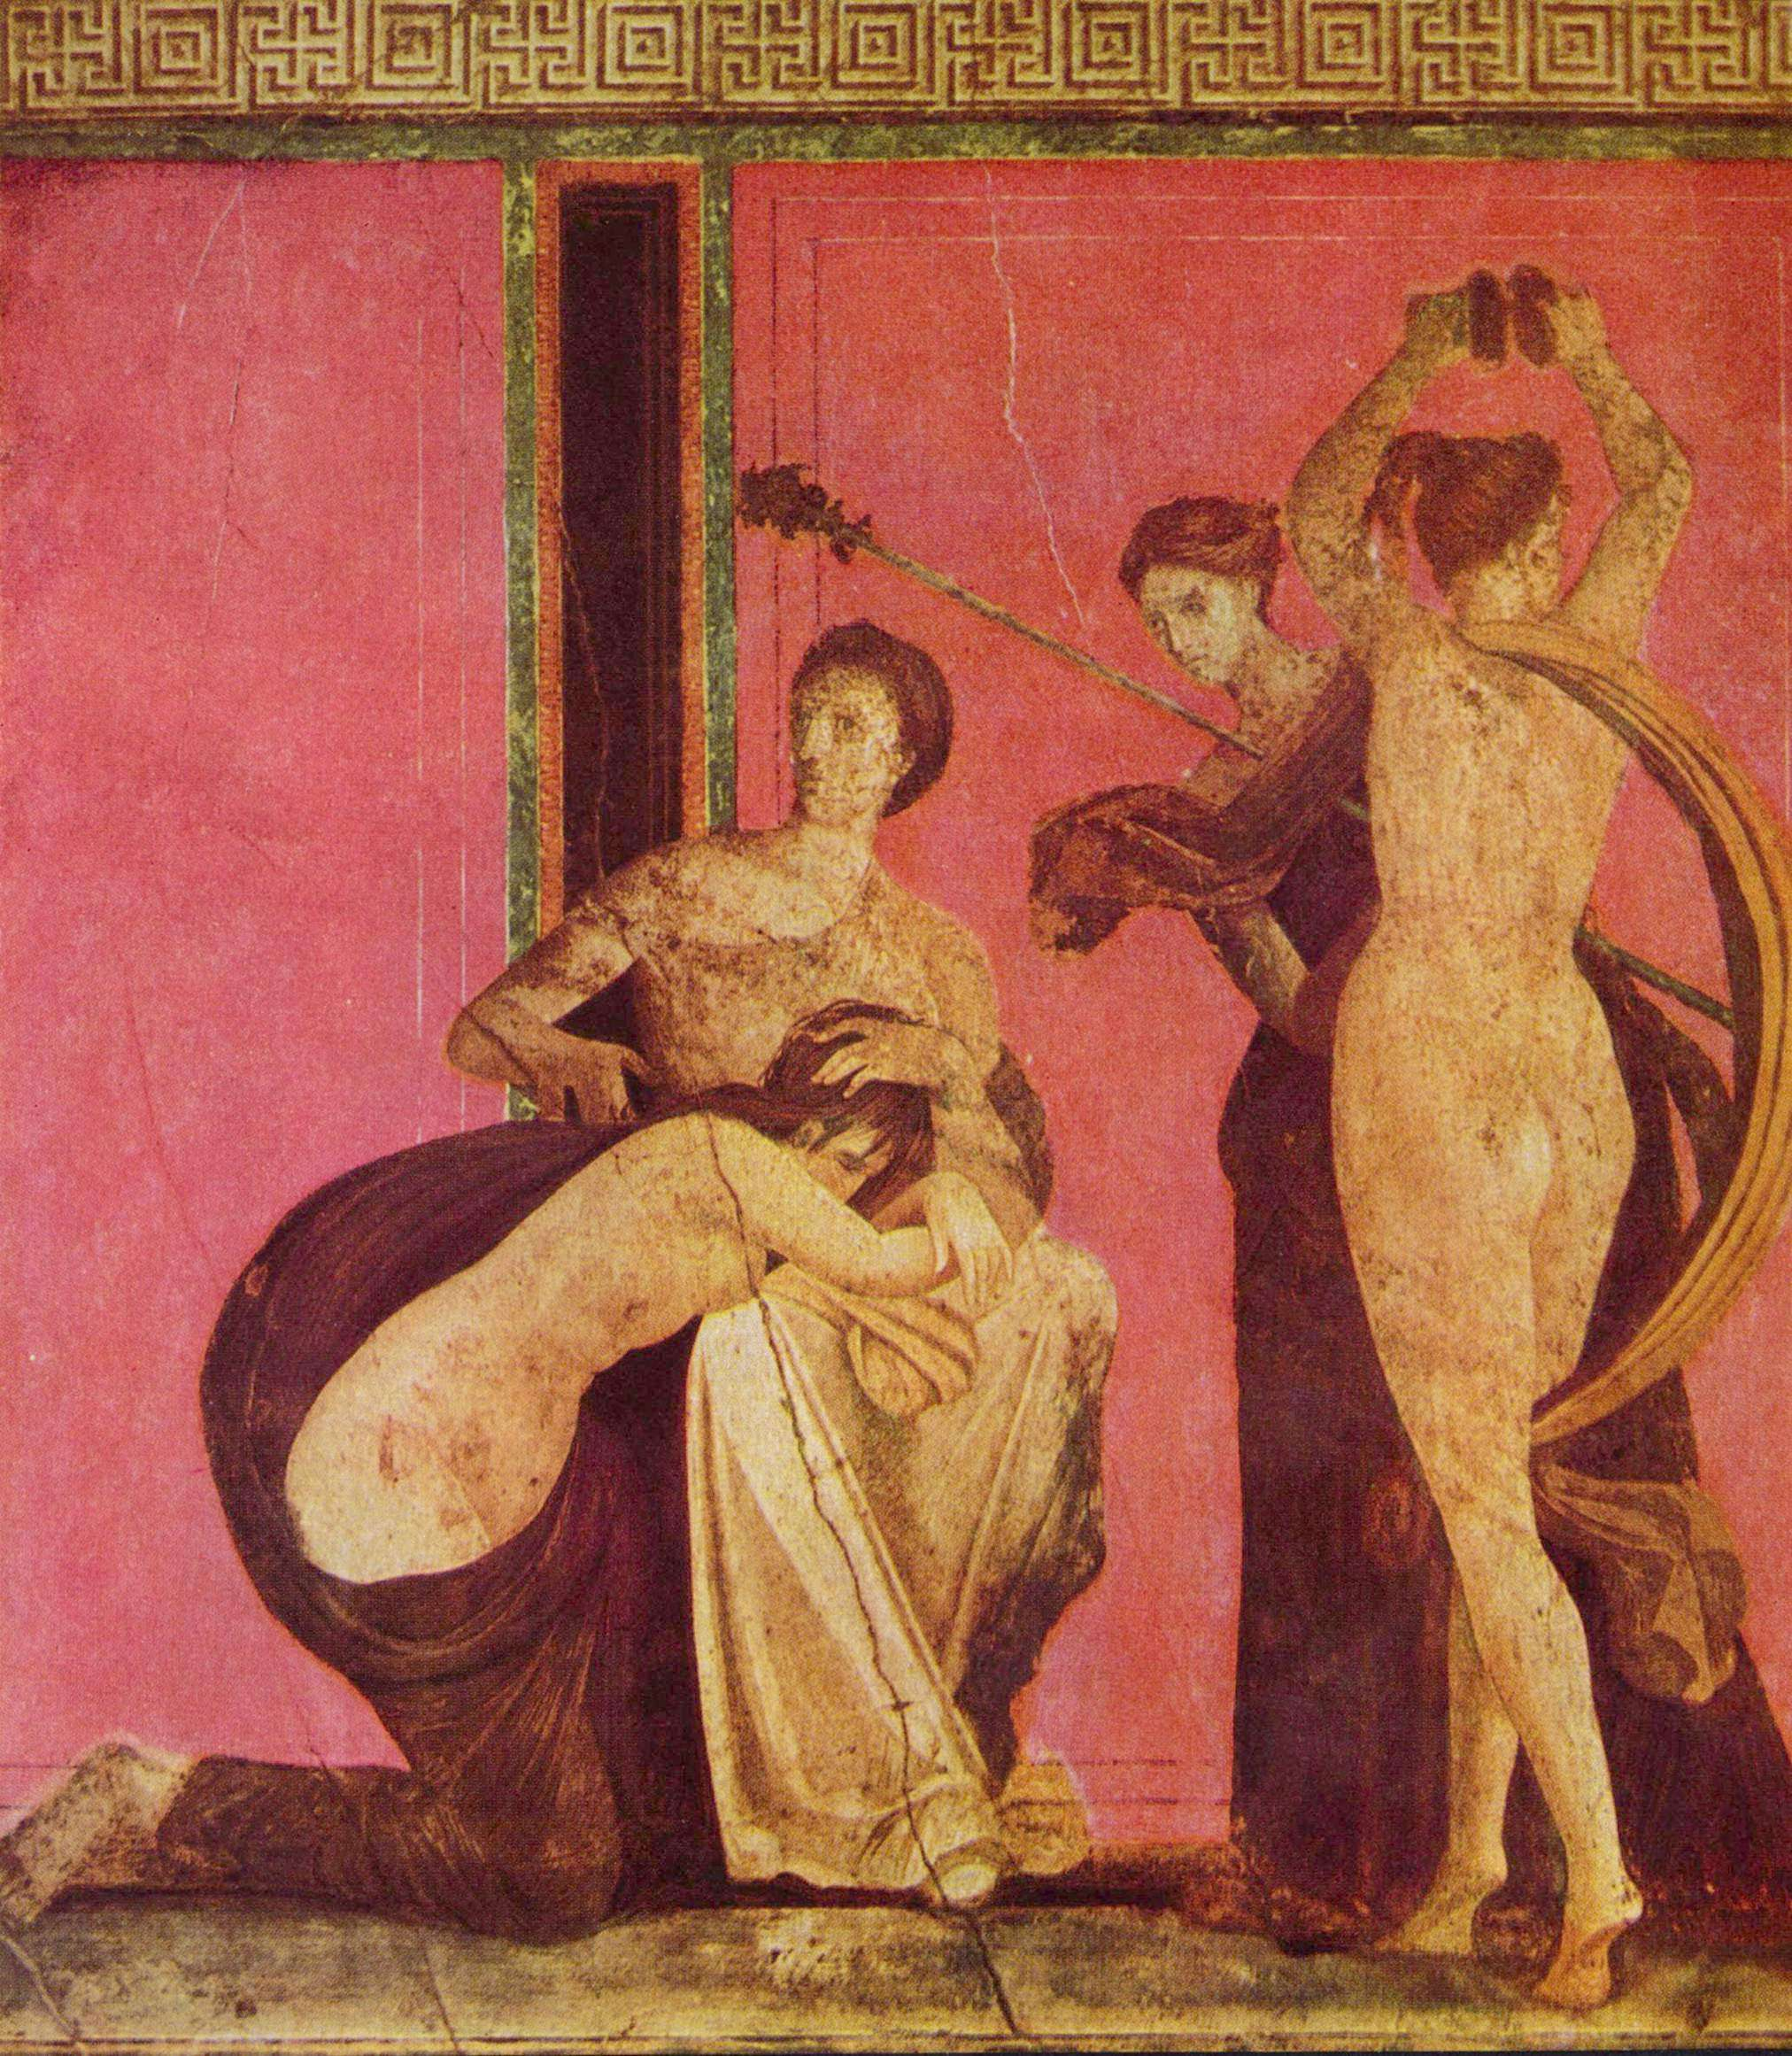 Τοιχογραφία από τη Βίλλα των Μυστηρίων. Από τα αρχαιολογικά ευρήματα της Πομπηίας, 80 μ.Χ.